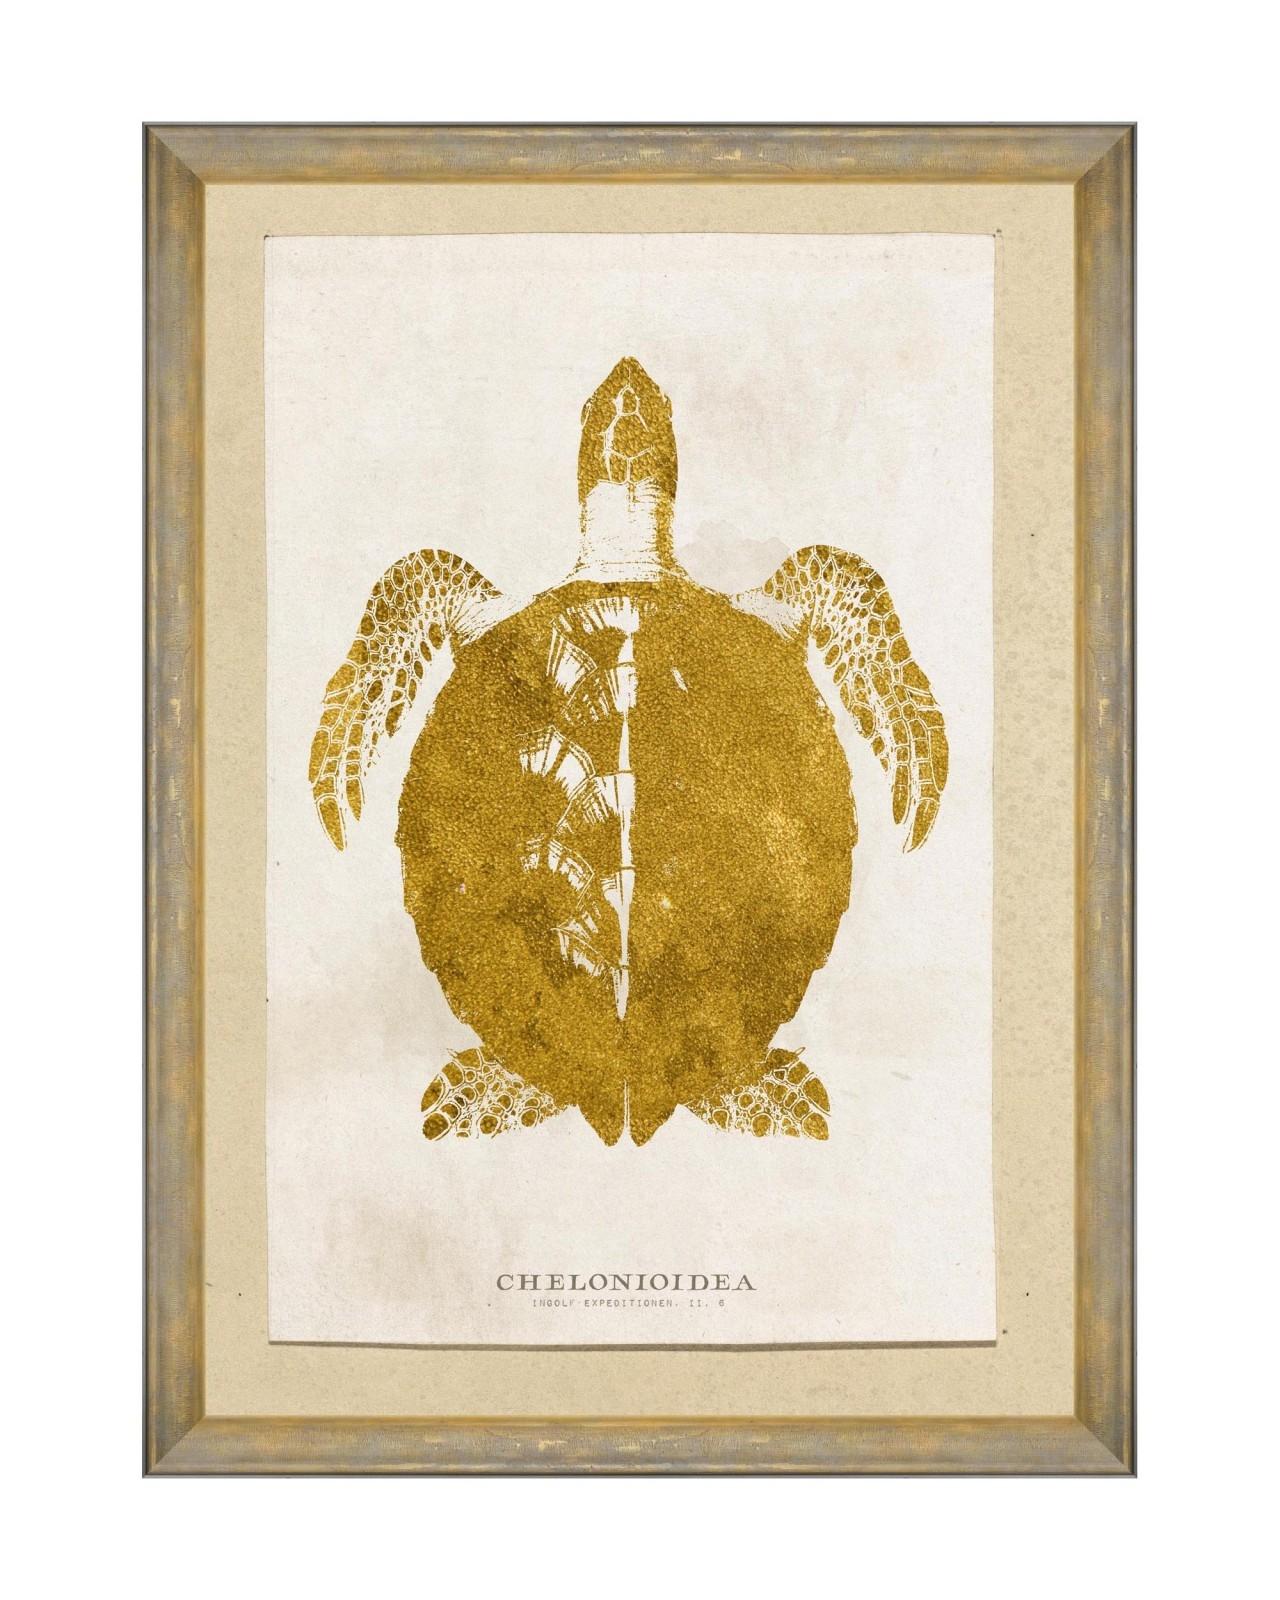 Tablou Framed Art Caribbean Sea Life - Chelonioidea, 50 x 70 cm imagine